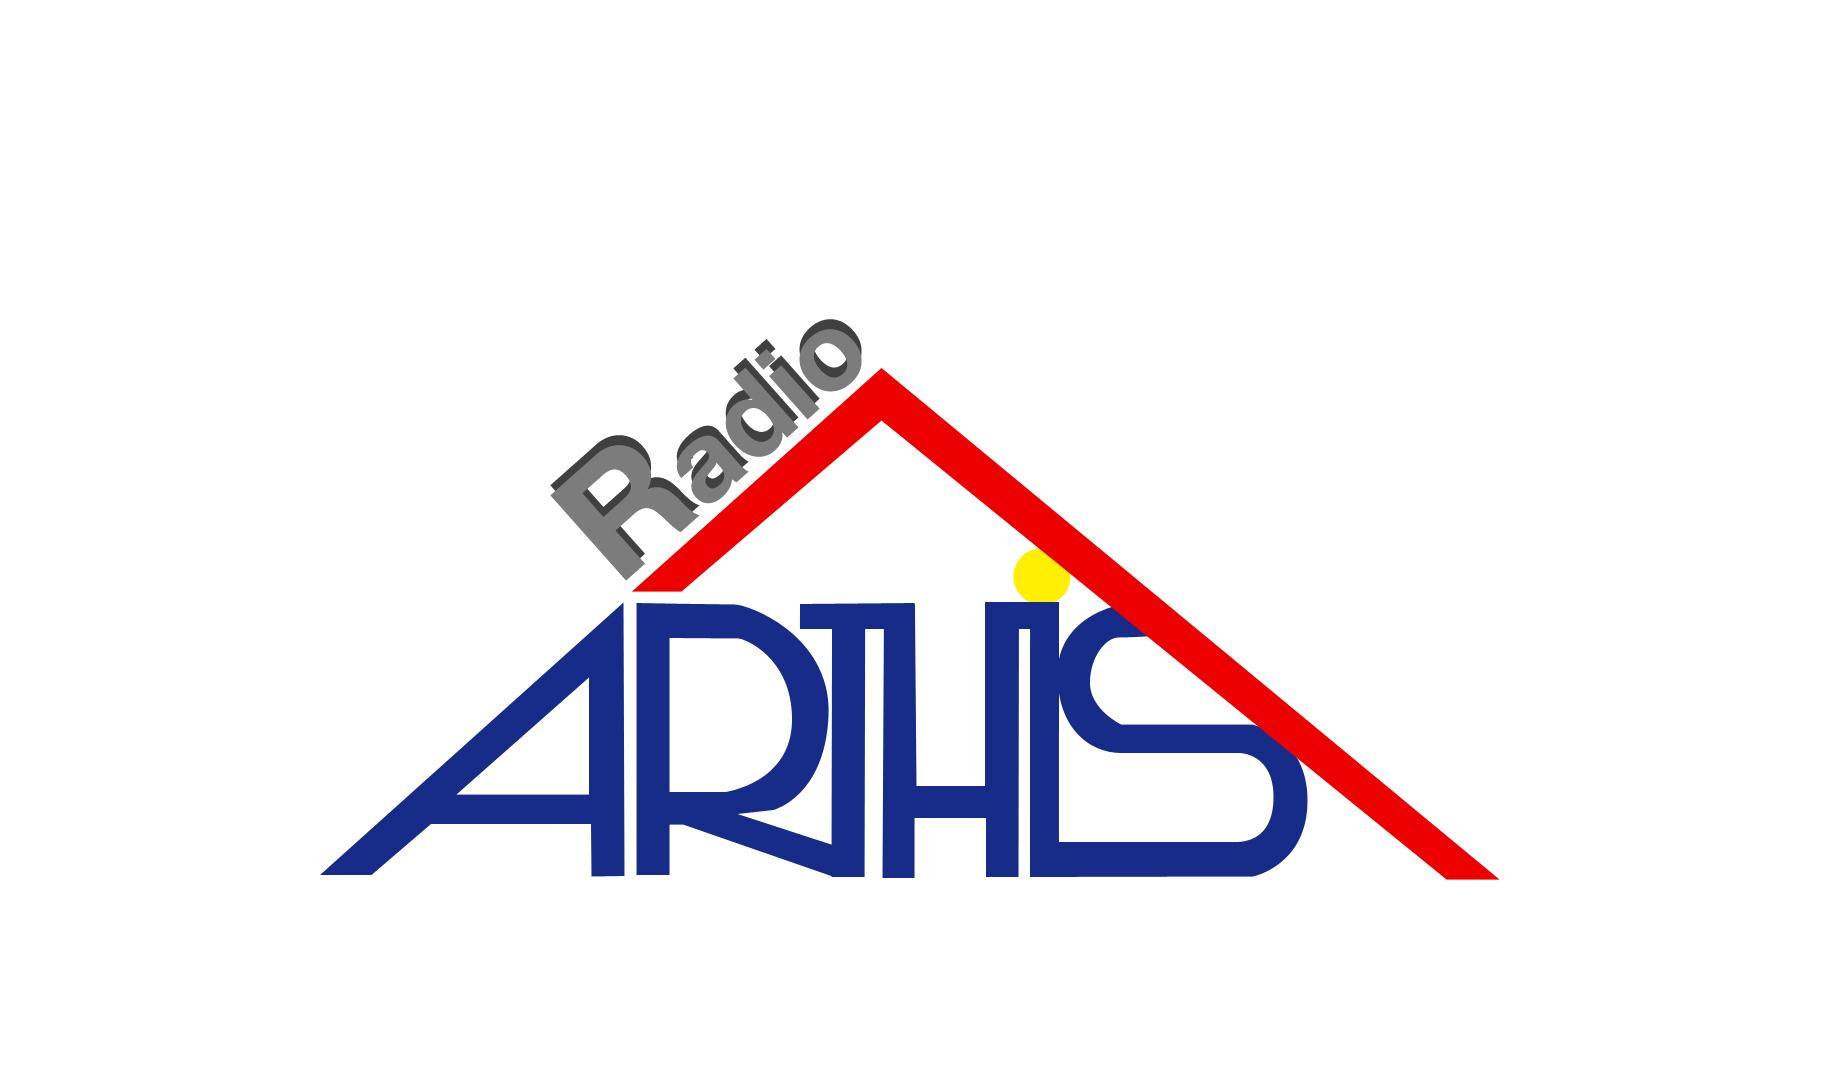 ASCULTĂ RADIO ARTHIS - BRUXELLES